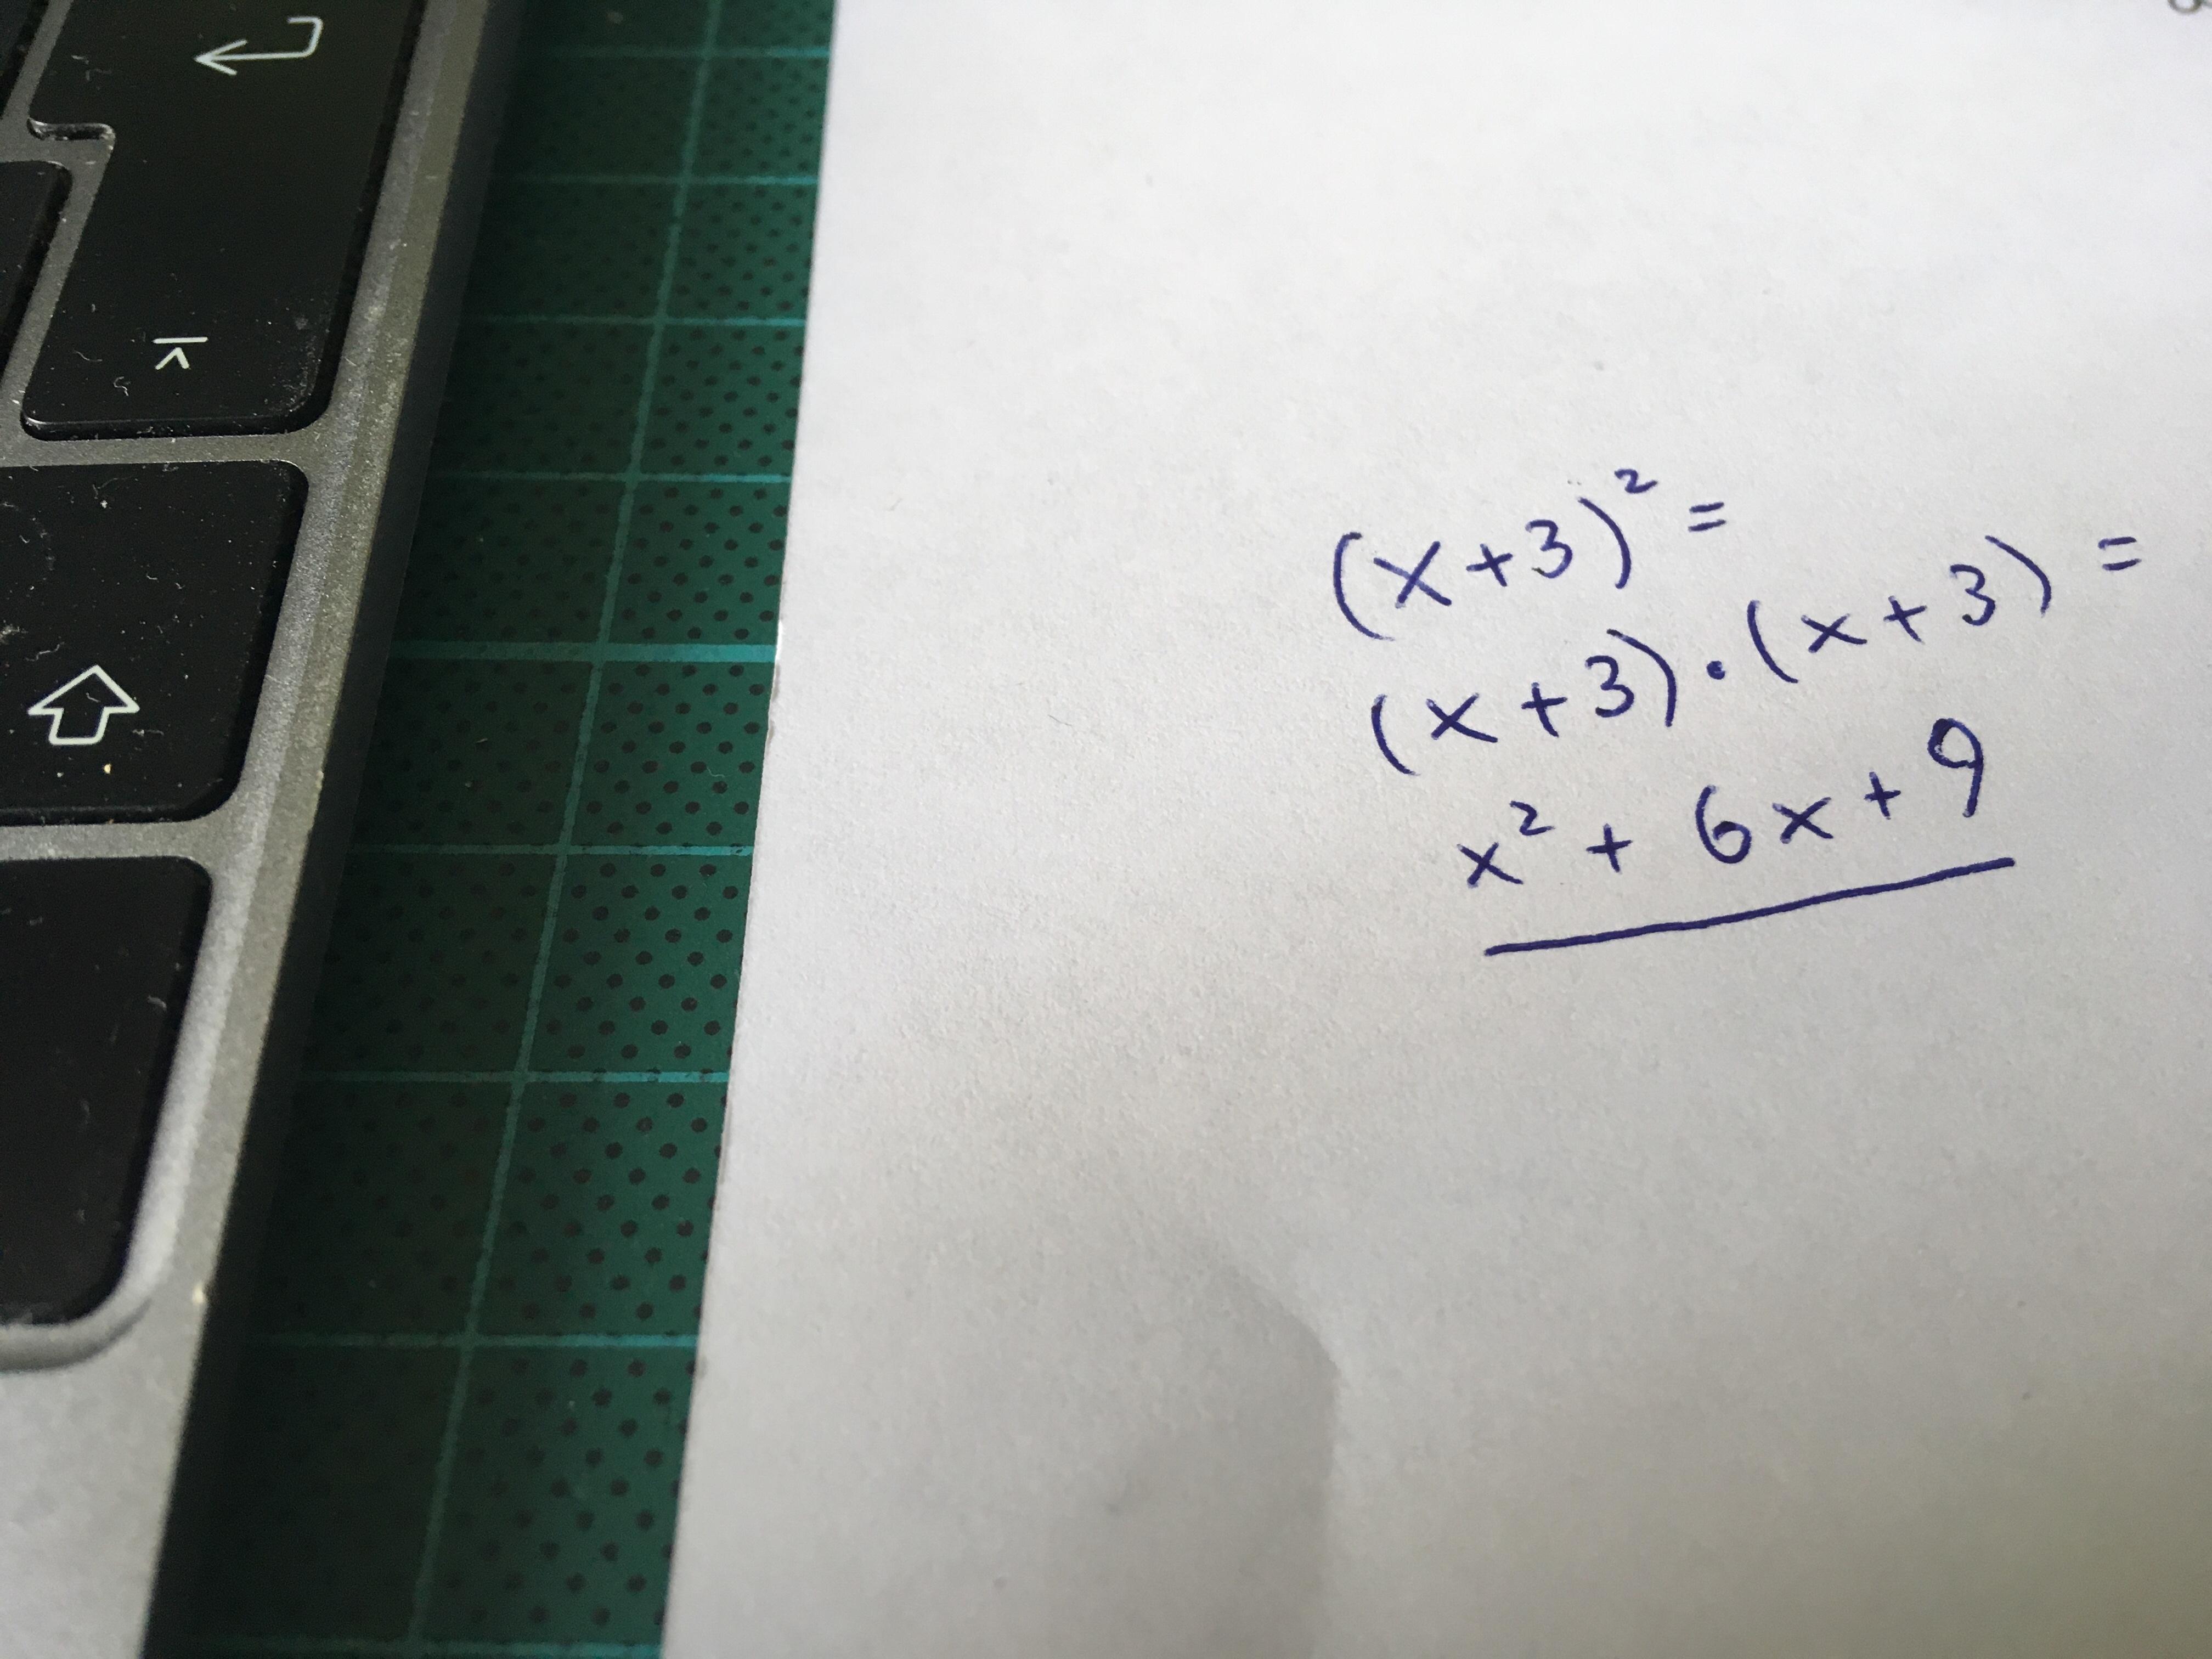 Gedanken zum Mathematikunterricht